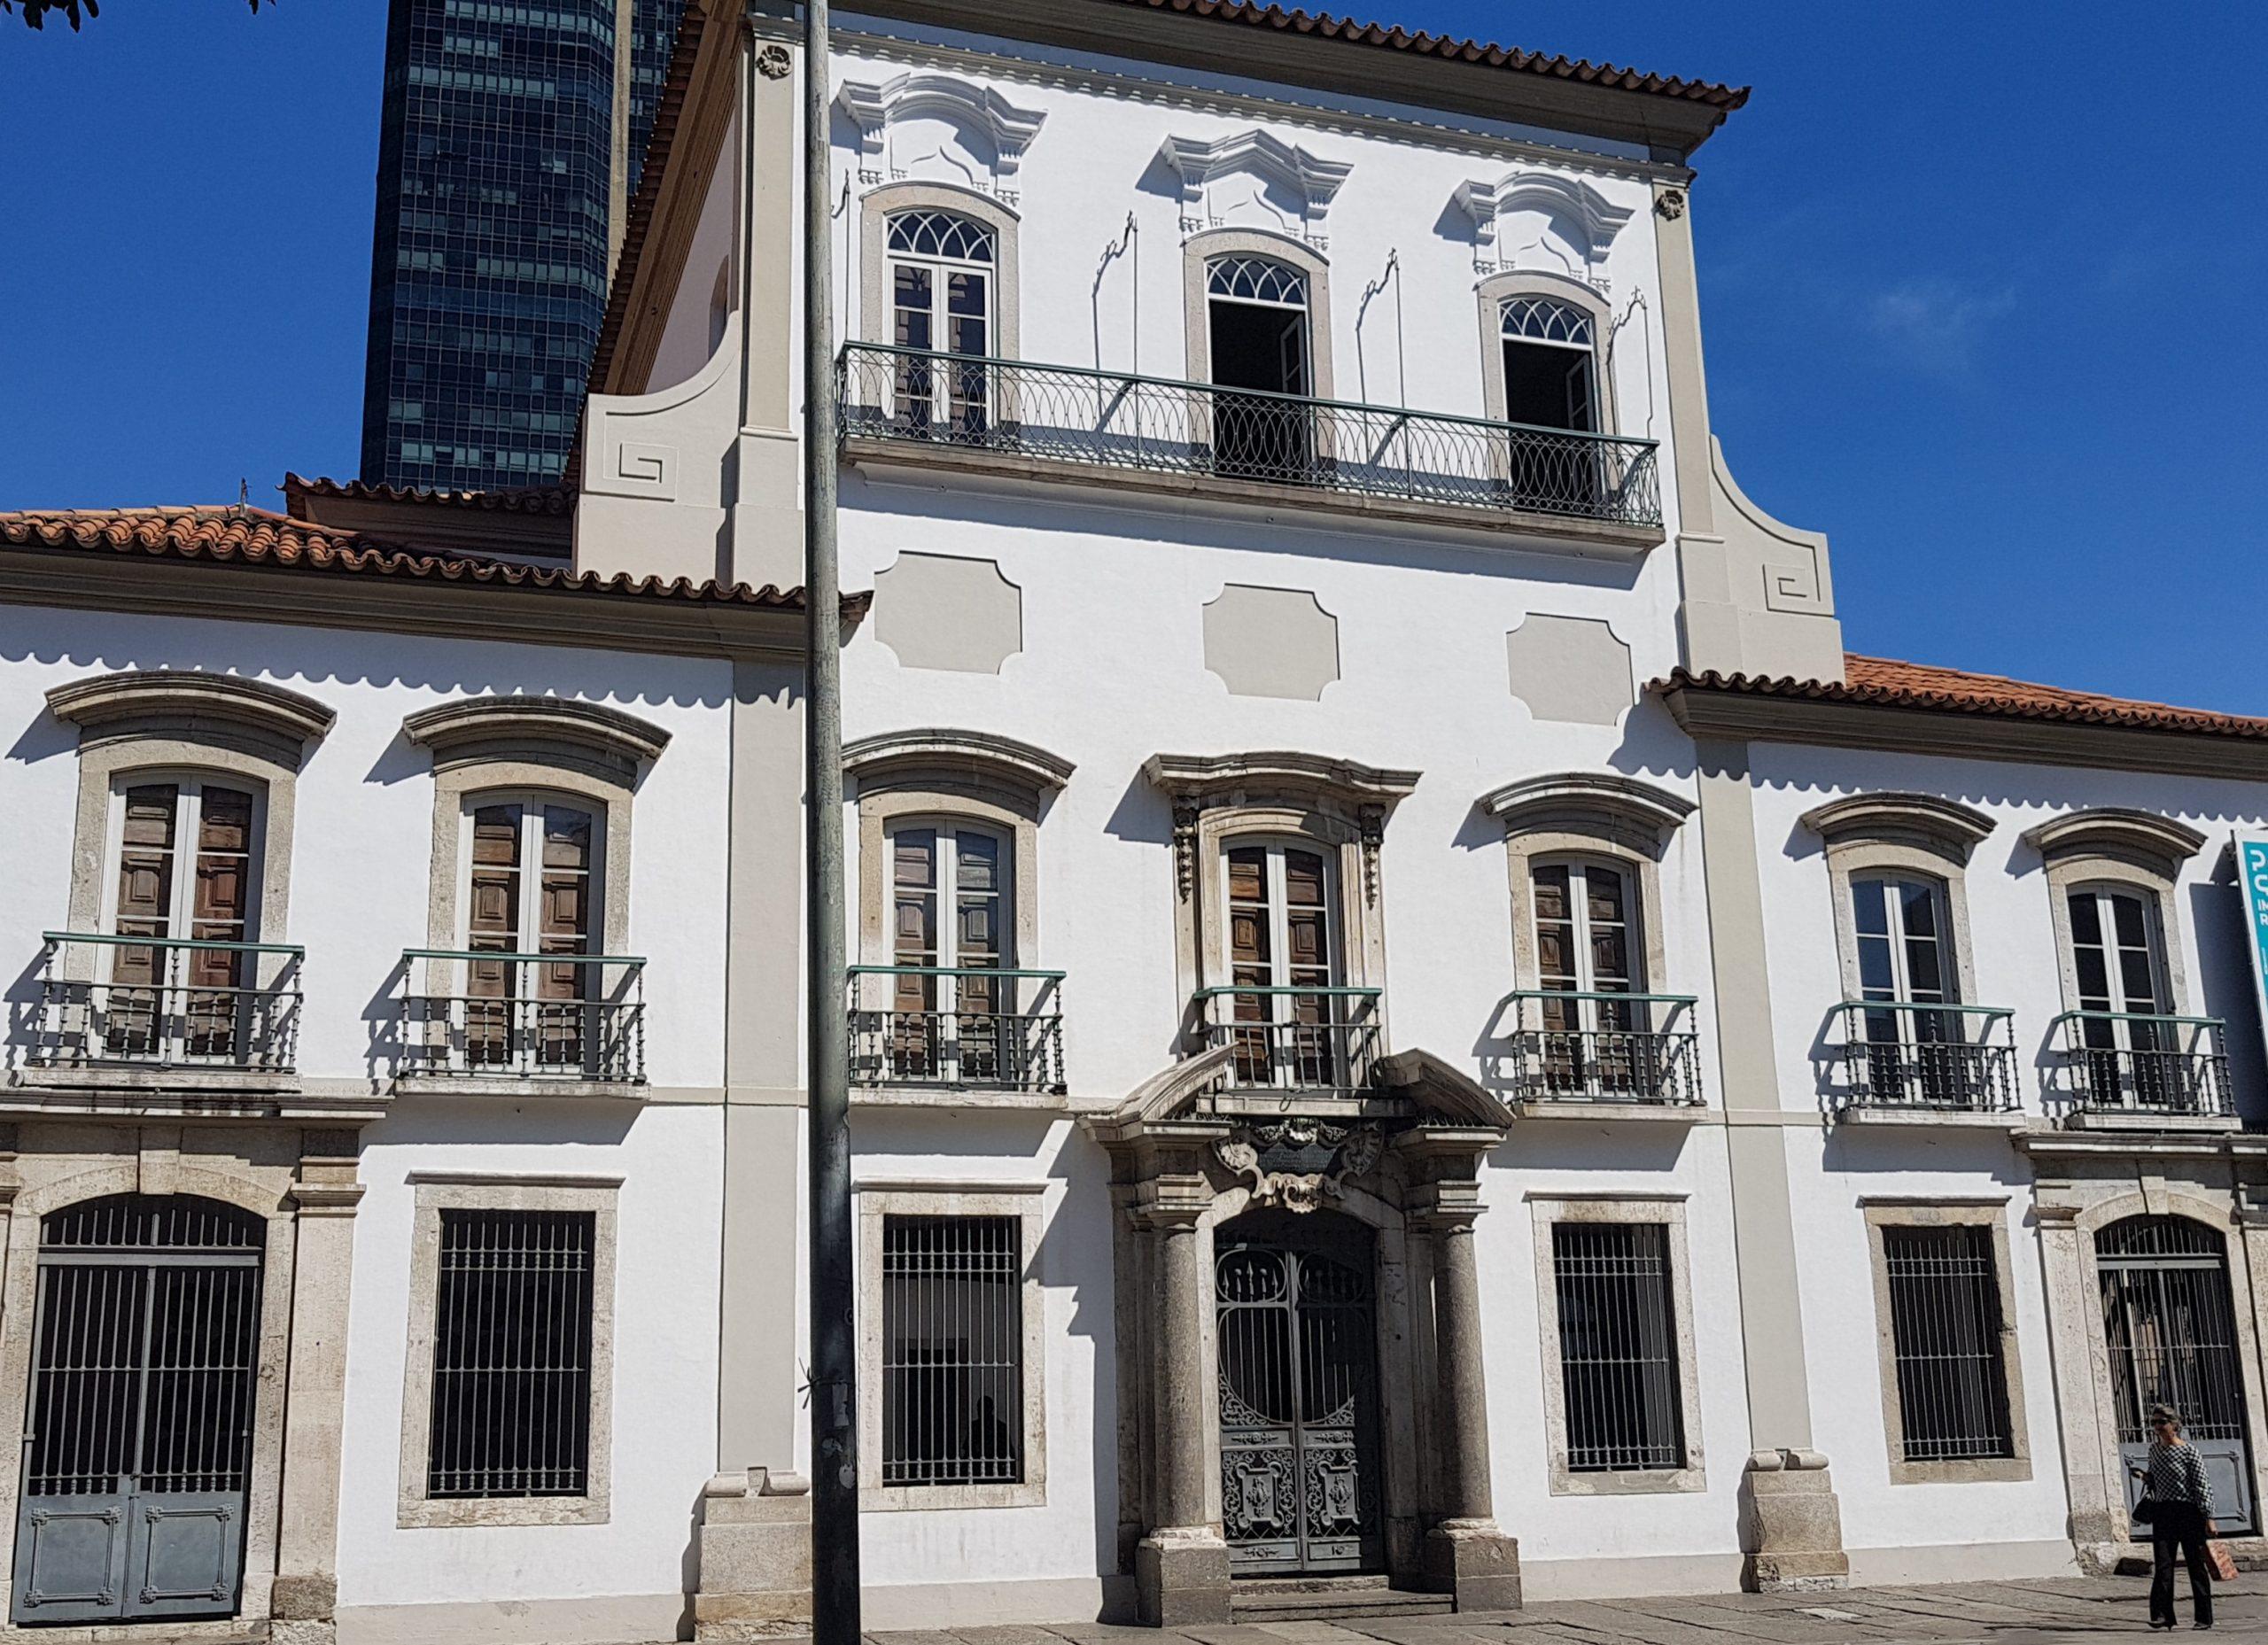 O Paço Imperial (de 1743), na Praça XV, com o prédio de 42 andares ao fundo: área histórico com agressão urbana (Foto: Oscar Valporto)